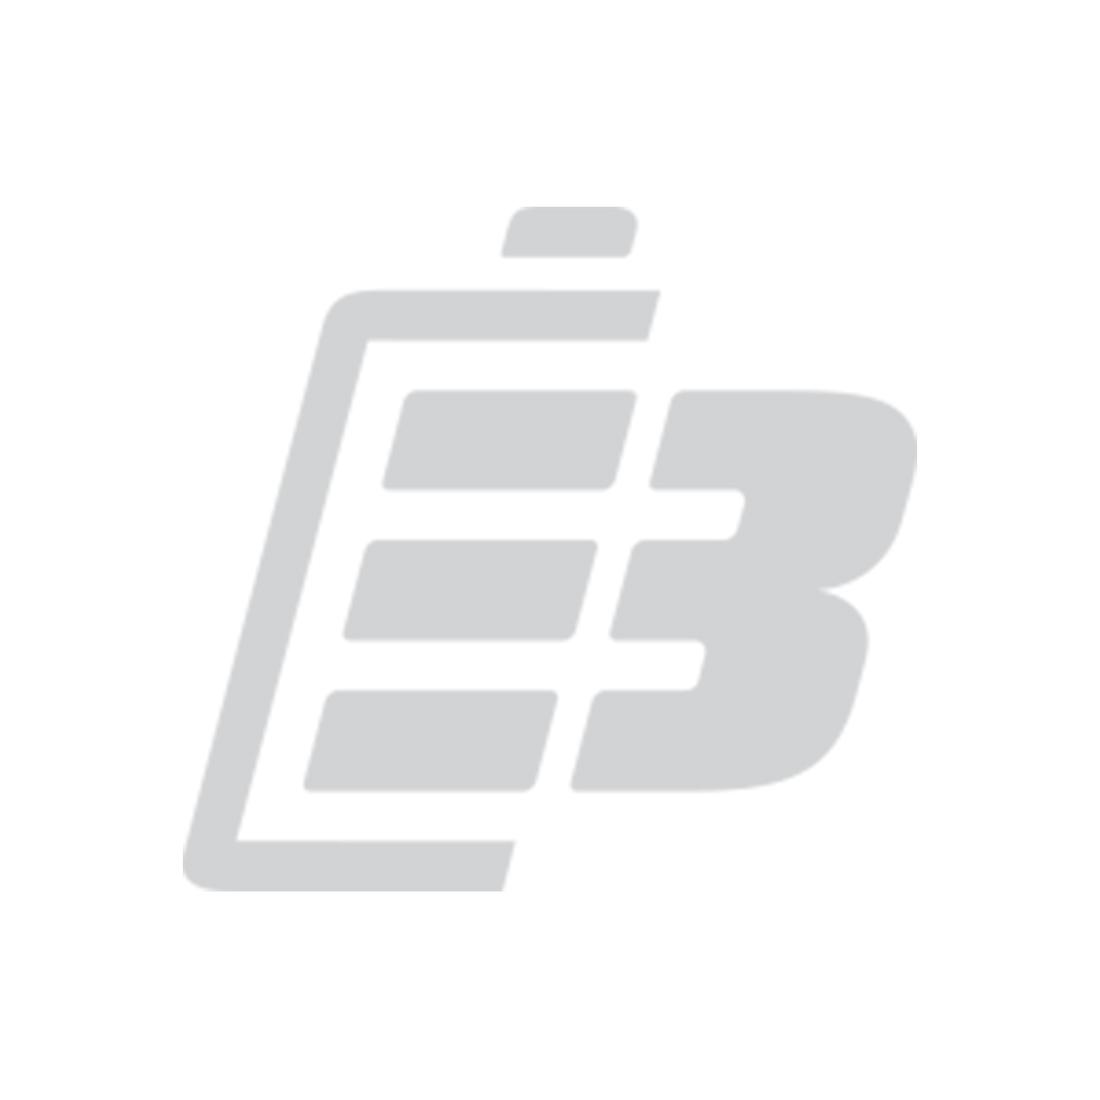 MP3 battery Apple iPod Shuffle 1st generation_1